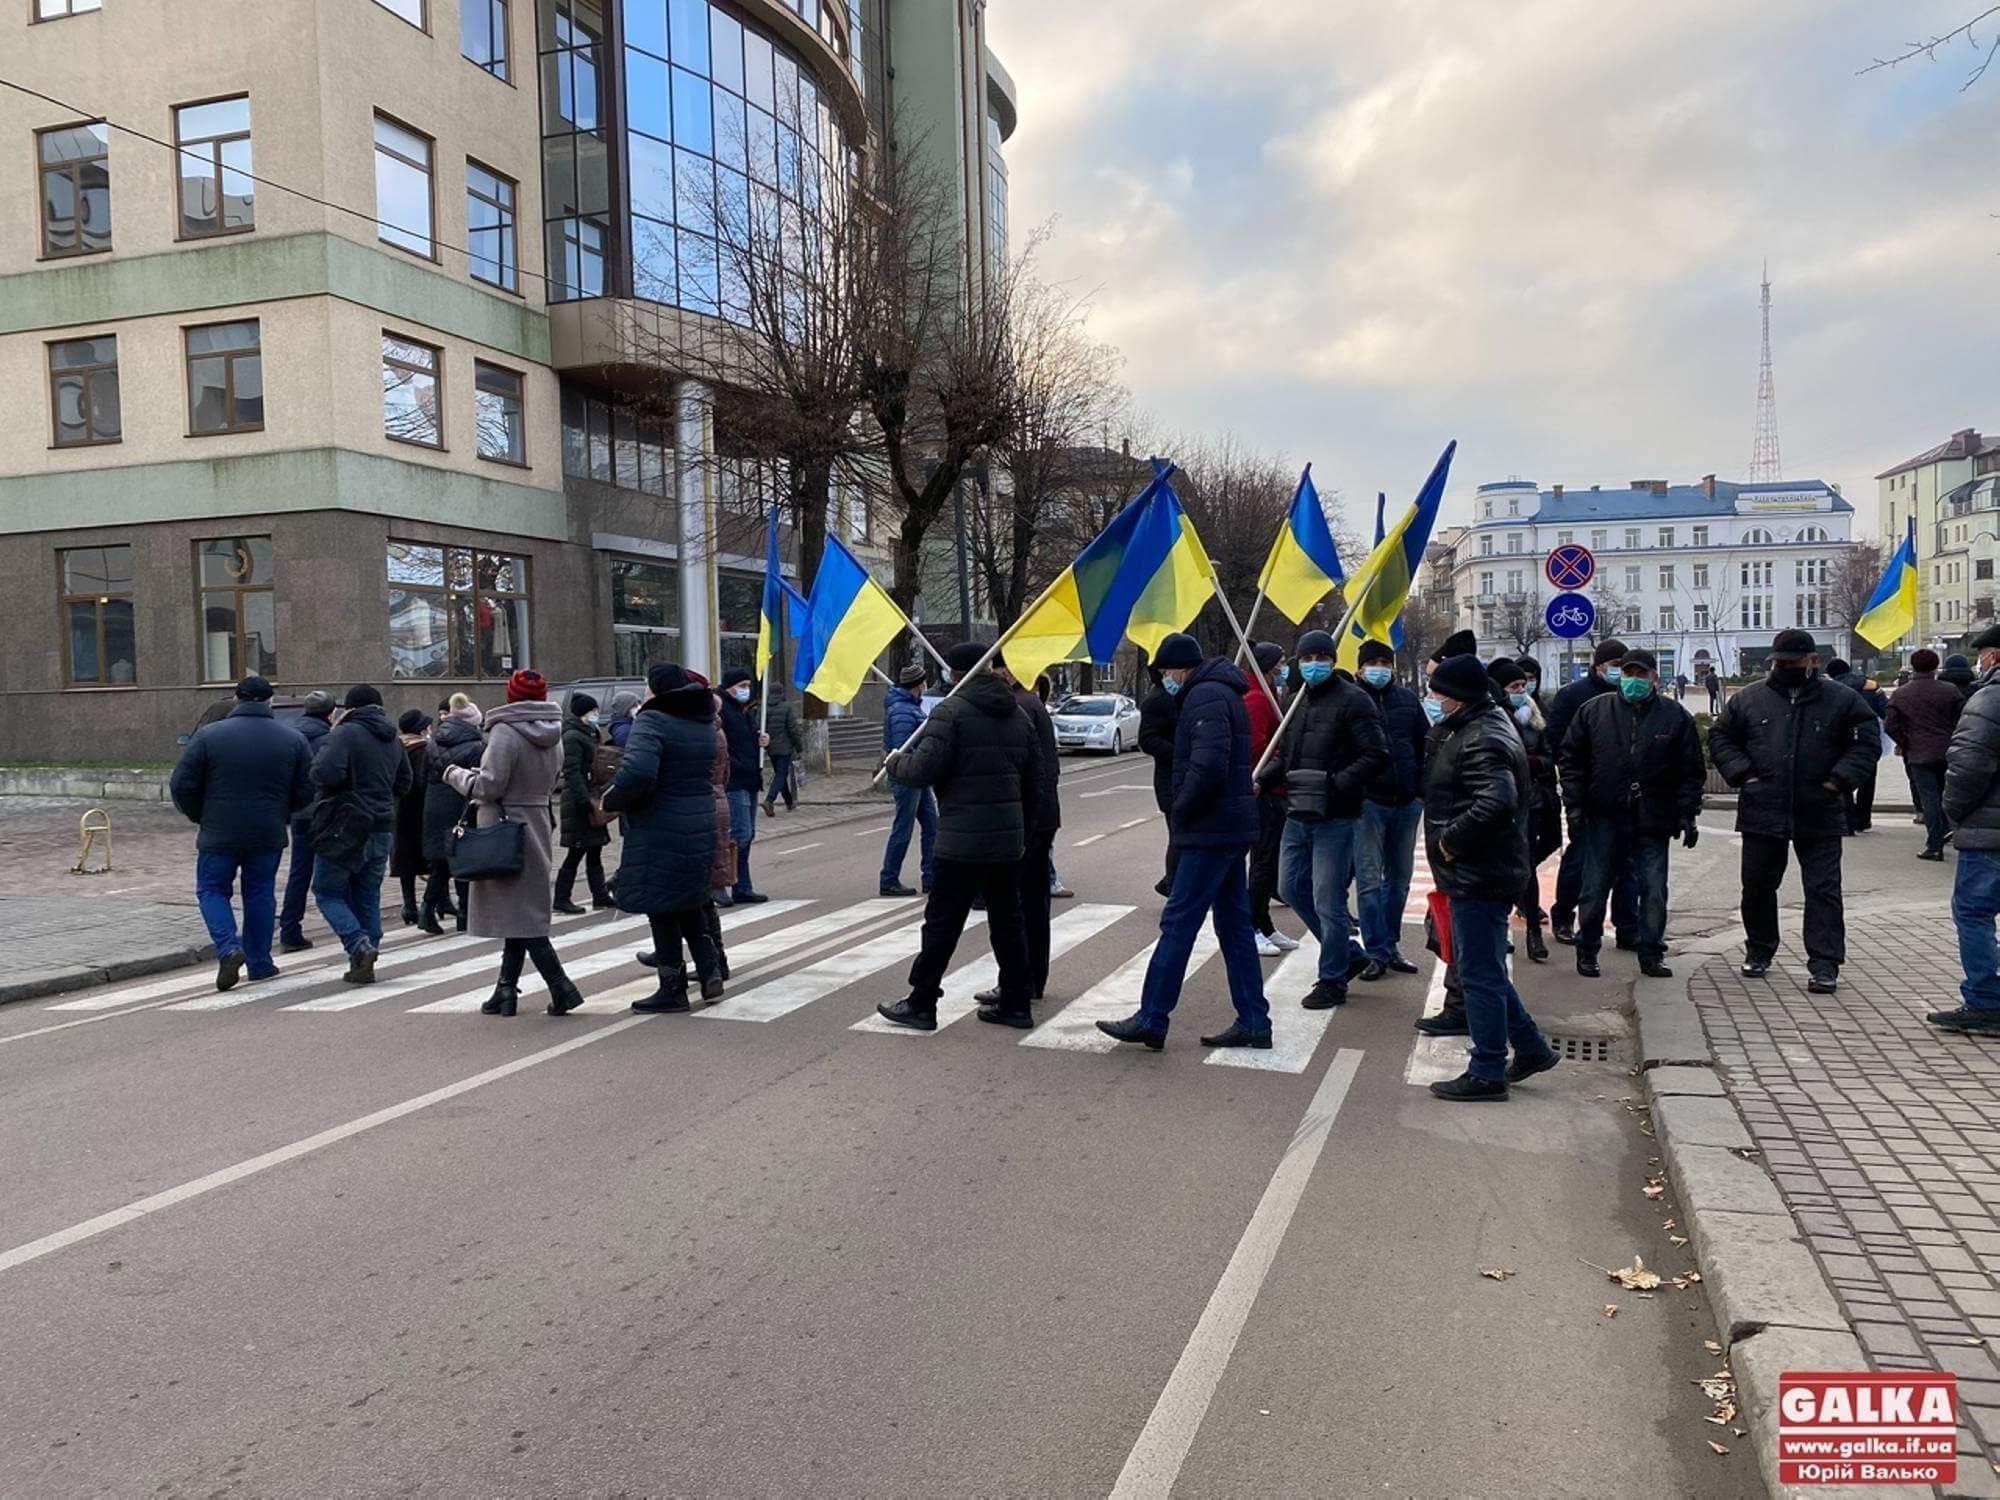 Мешканці Городенківщини приїхали у Франківськ, аби перекрити дорогу у центрі міста (ФОТО)